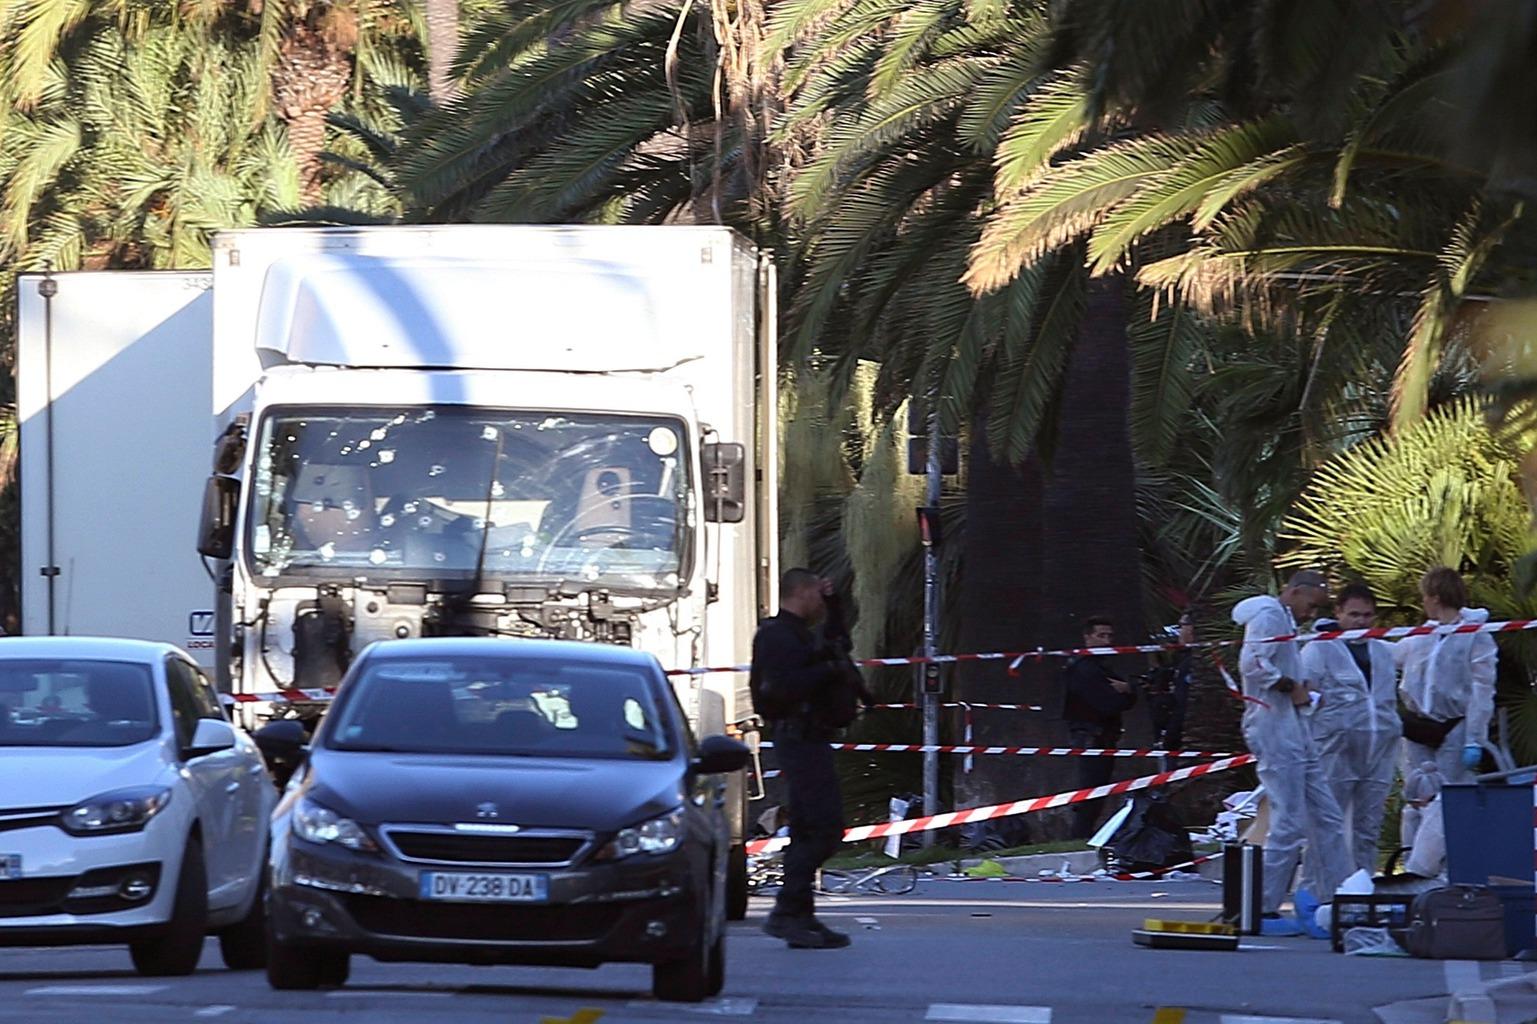 Nizza, 2016. július 15. Bűnügyi helyszínelők és egy gépfegyveres rendőr egy kilyuggatott szélvédőjű teherautónál, amellyel egy 31 éves tunéziai származású nizzai férfi belehajtott a tömegbe a nemzeti ünnep alkalmából rendezett tűzijáték idején a franciaországi Nizzában 2016. július 14-én este. Legkevesebb nyolcvannégyen életüket vesztették, mintegy hetvenen megsebesültek a gázolásban és az azt követő lövöldözésben, tizennyolc sebesült állapota válságos. A teherautó sofőrjét lelőtték. (MTI/AP/Luca Bruno)